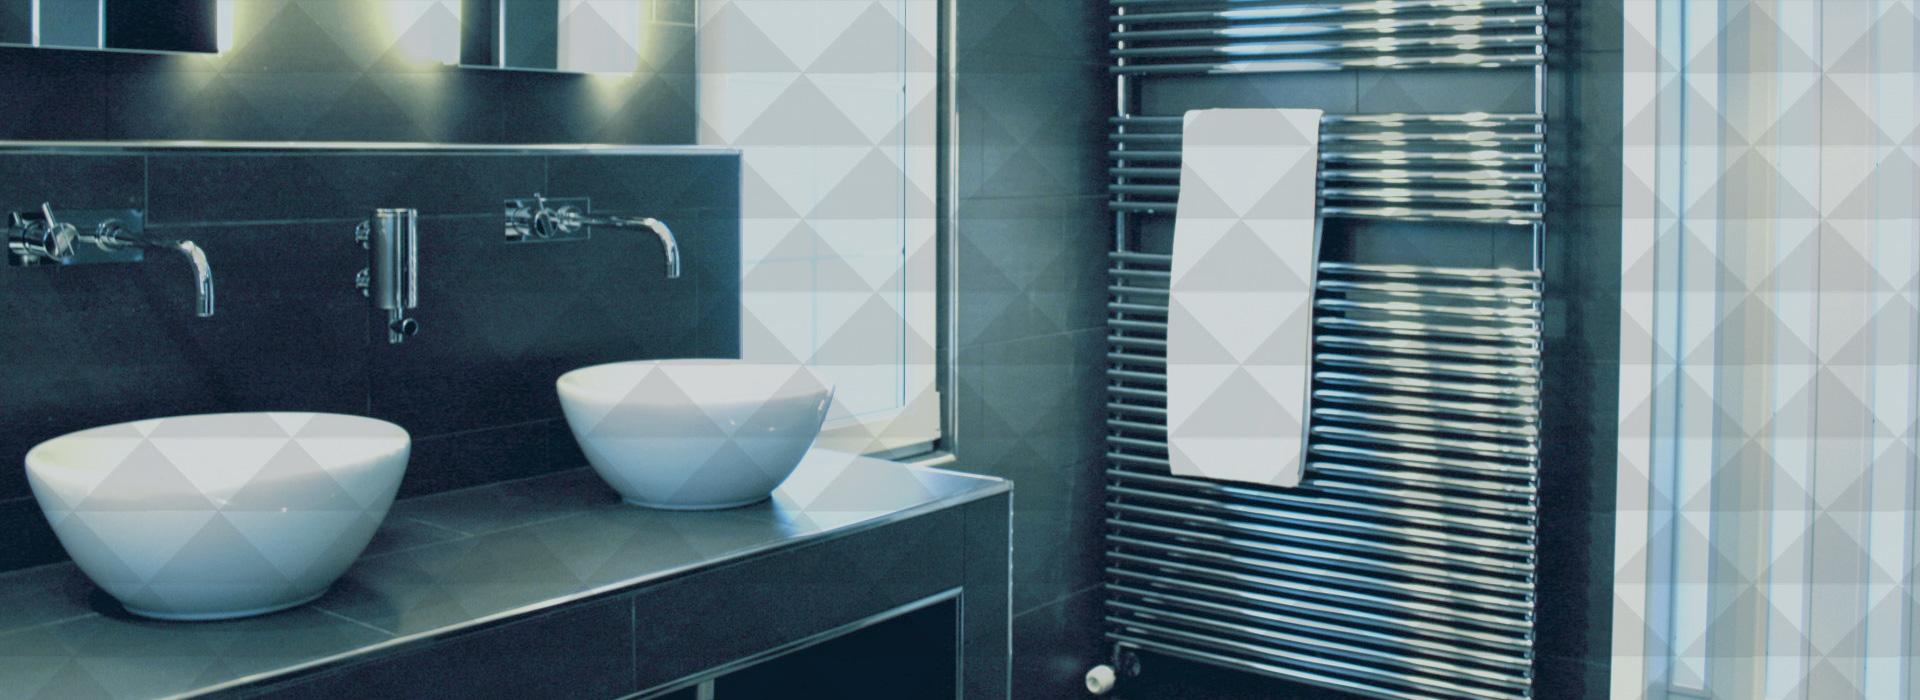 sanit r und spengler in st gallen sowie thermische solaranlagen bietet ihnen jenny. Black Bedroom Furniture Sets. Home Design Ideas